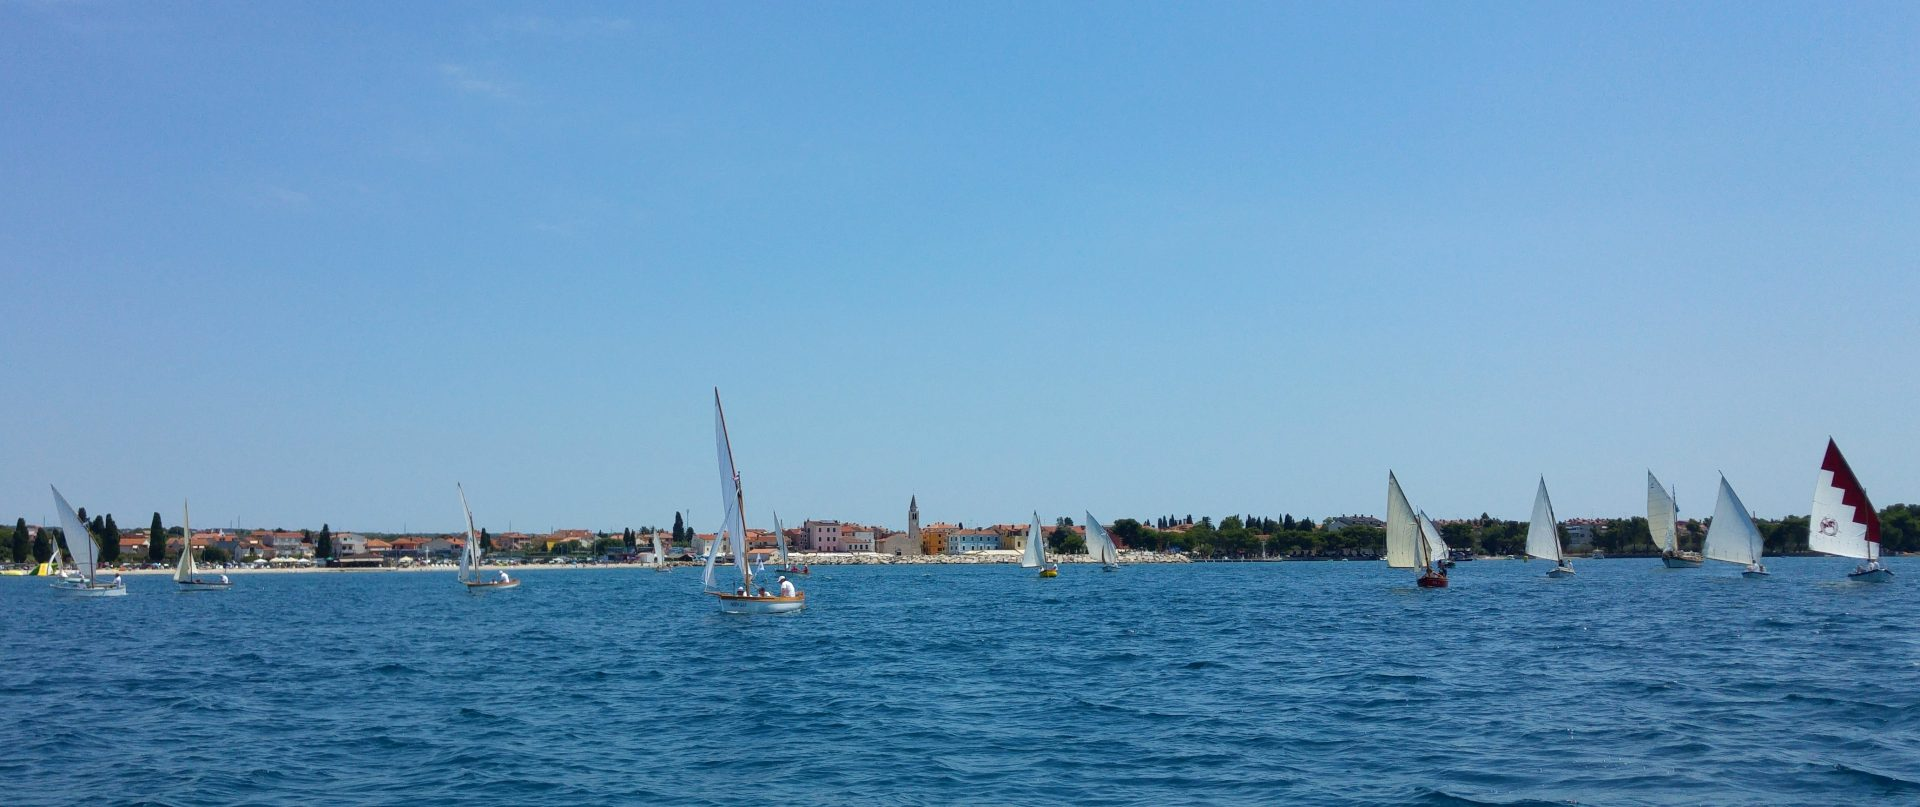 9. fažanska regata tradicijskih barki